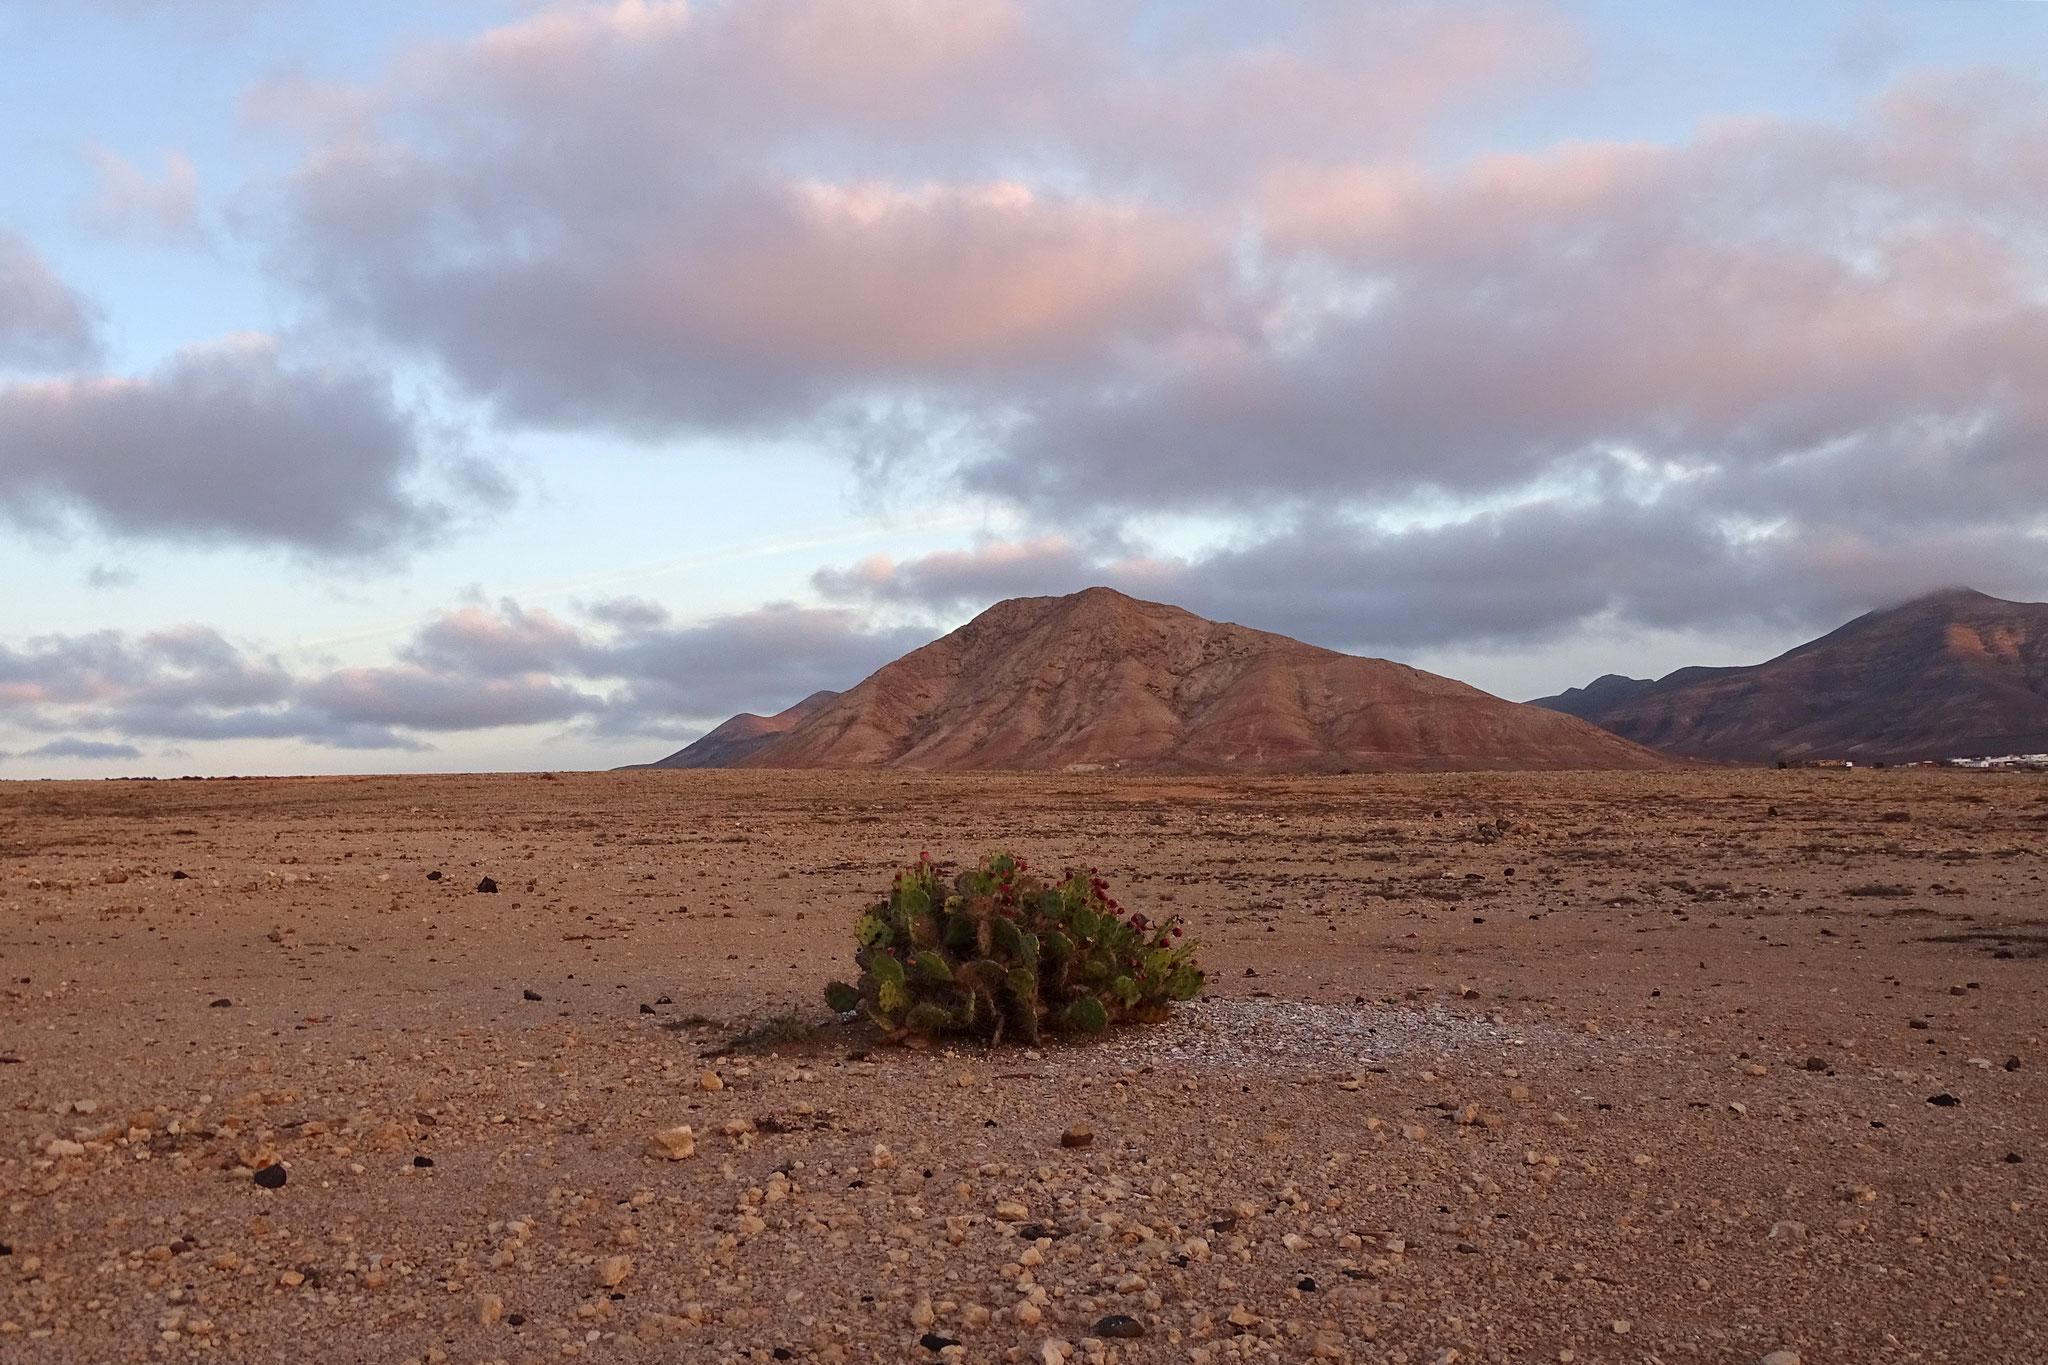 ... und besuchen öfters frühmorgens und gegen Abend die interessante Tindaya-Halbwüste